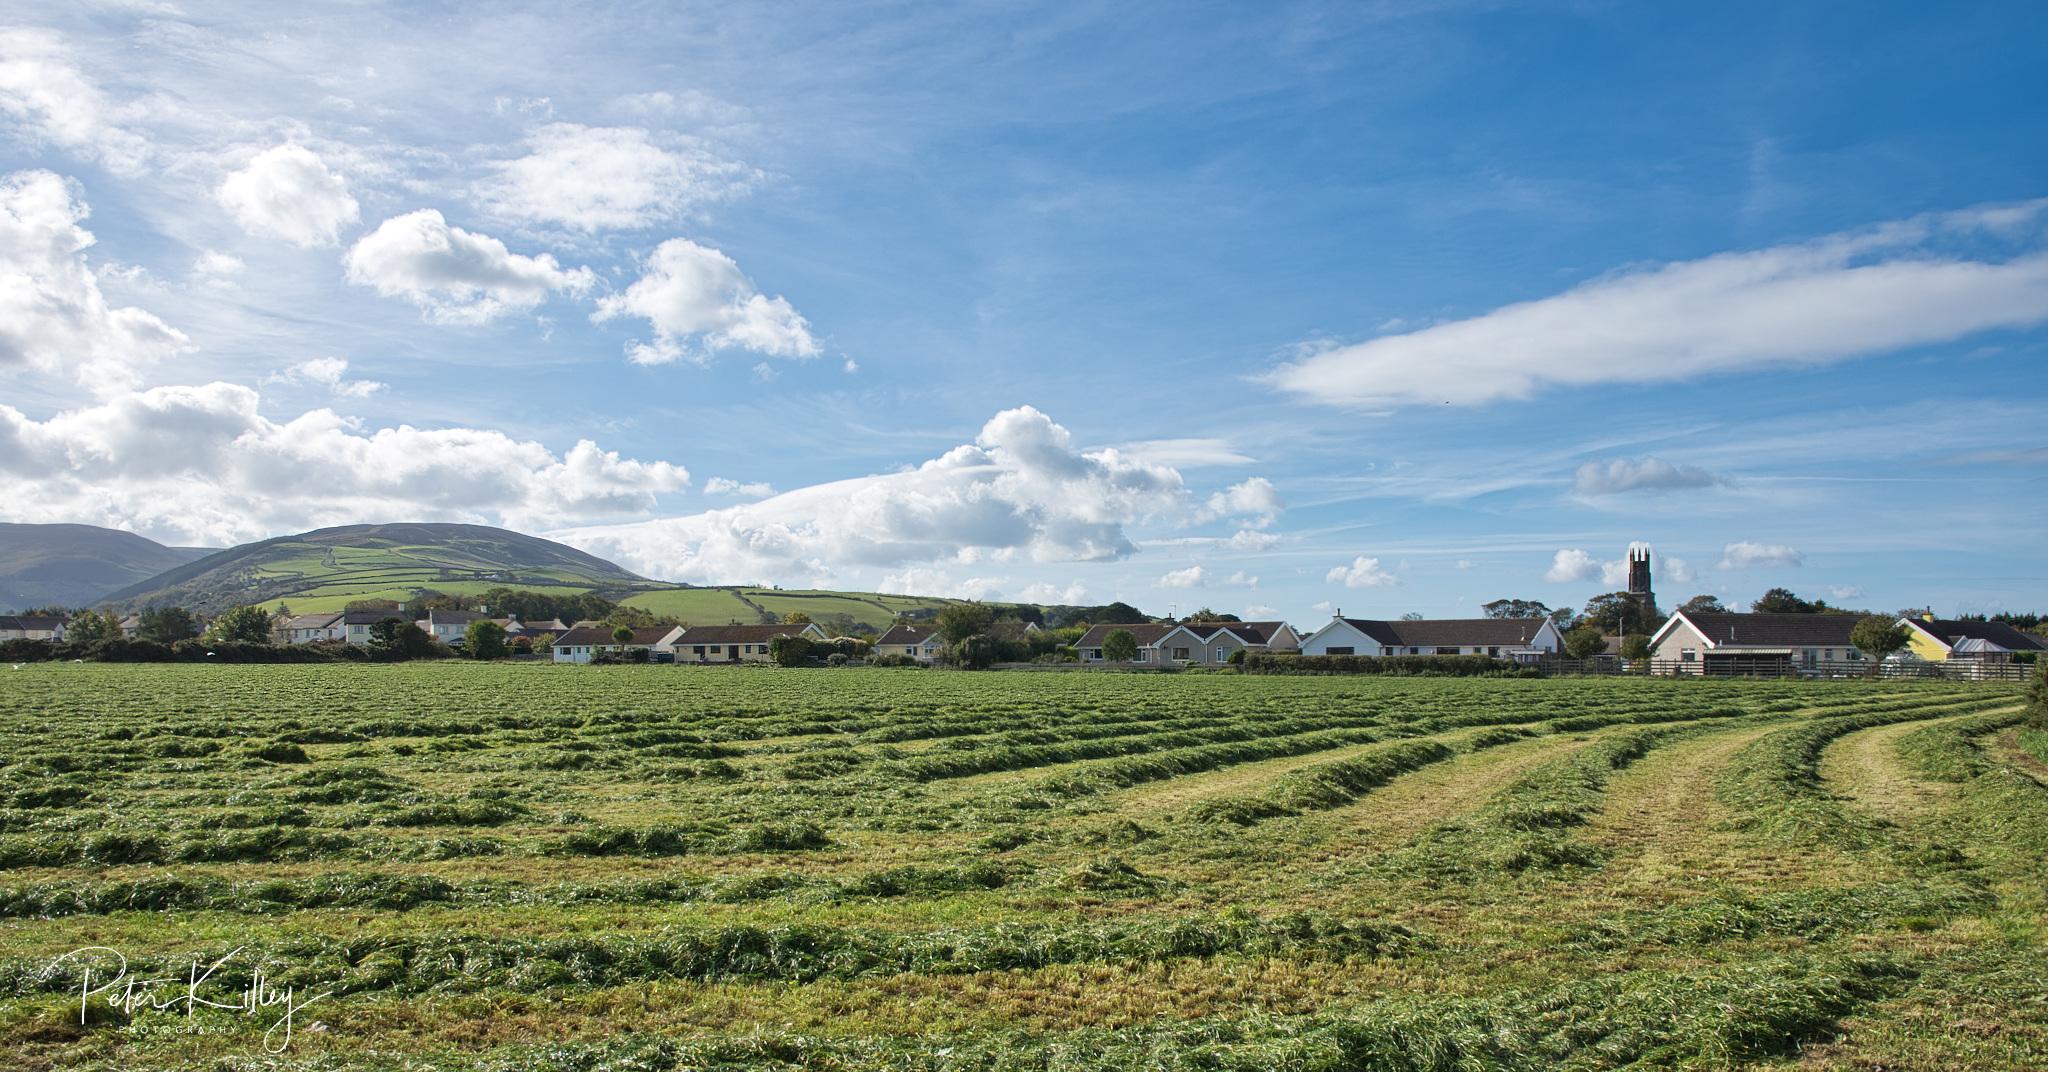 Ballaterson in Ballaugh - © Peter Killey - www.manxscenes.com